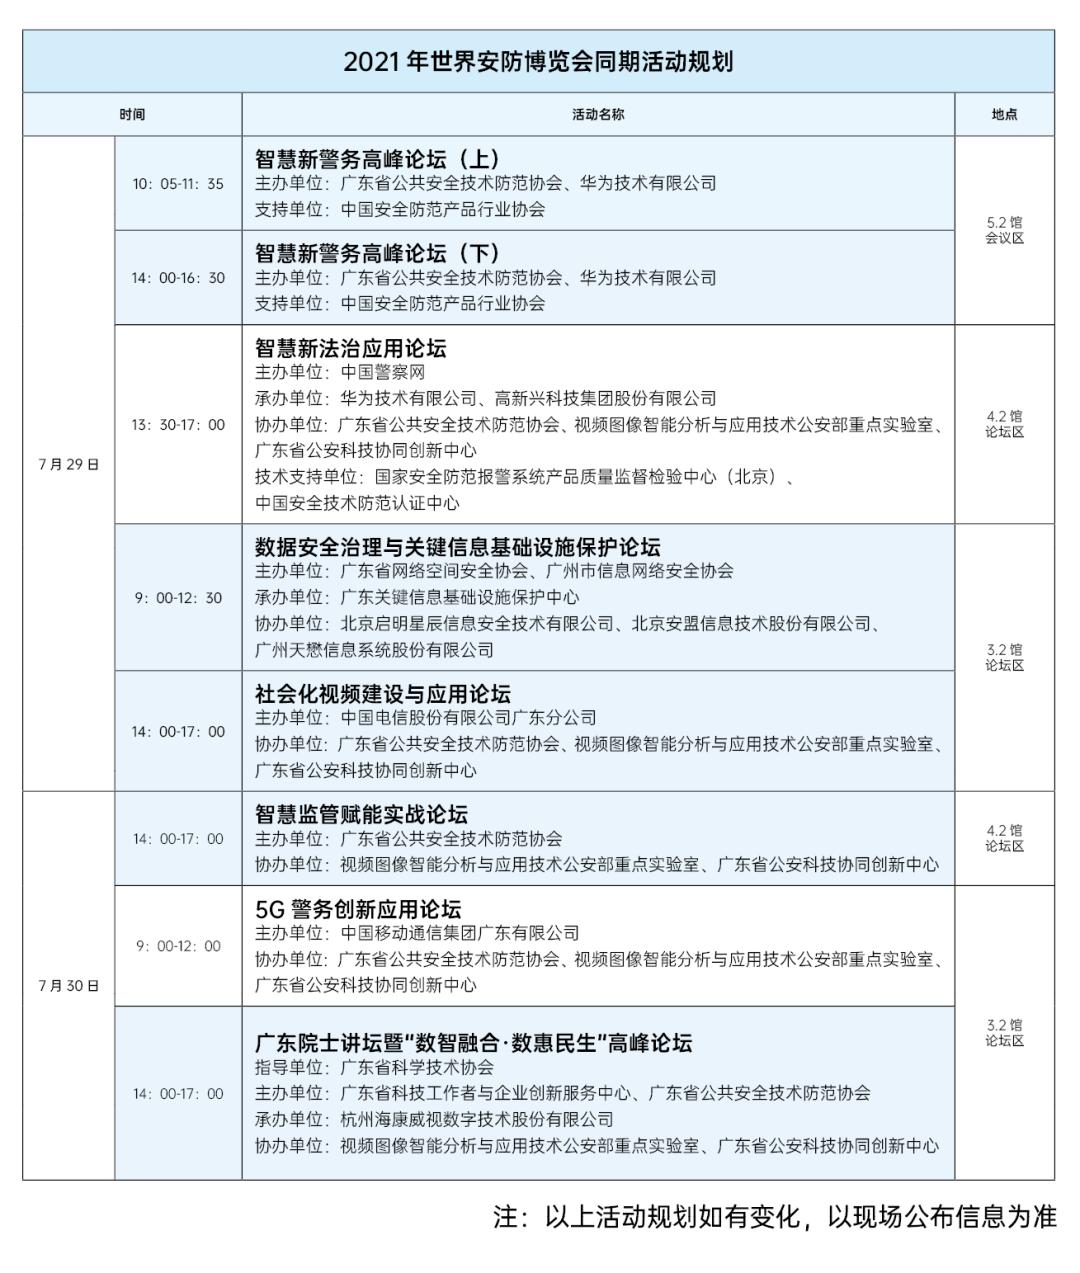 2021世界安防博览会于7月29-31日在广交会展馆拉开大幕(图4)